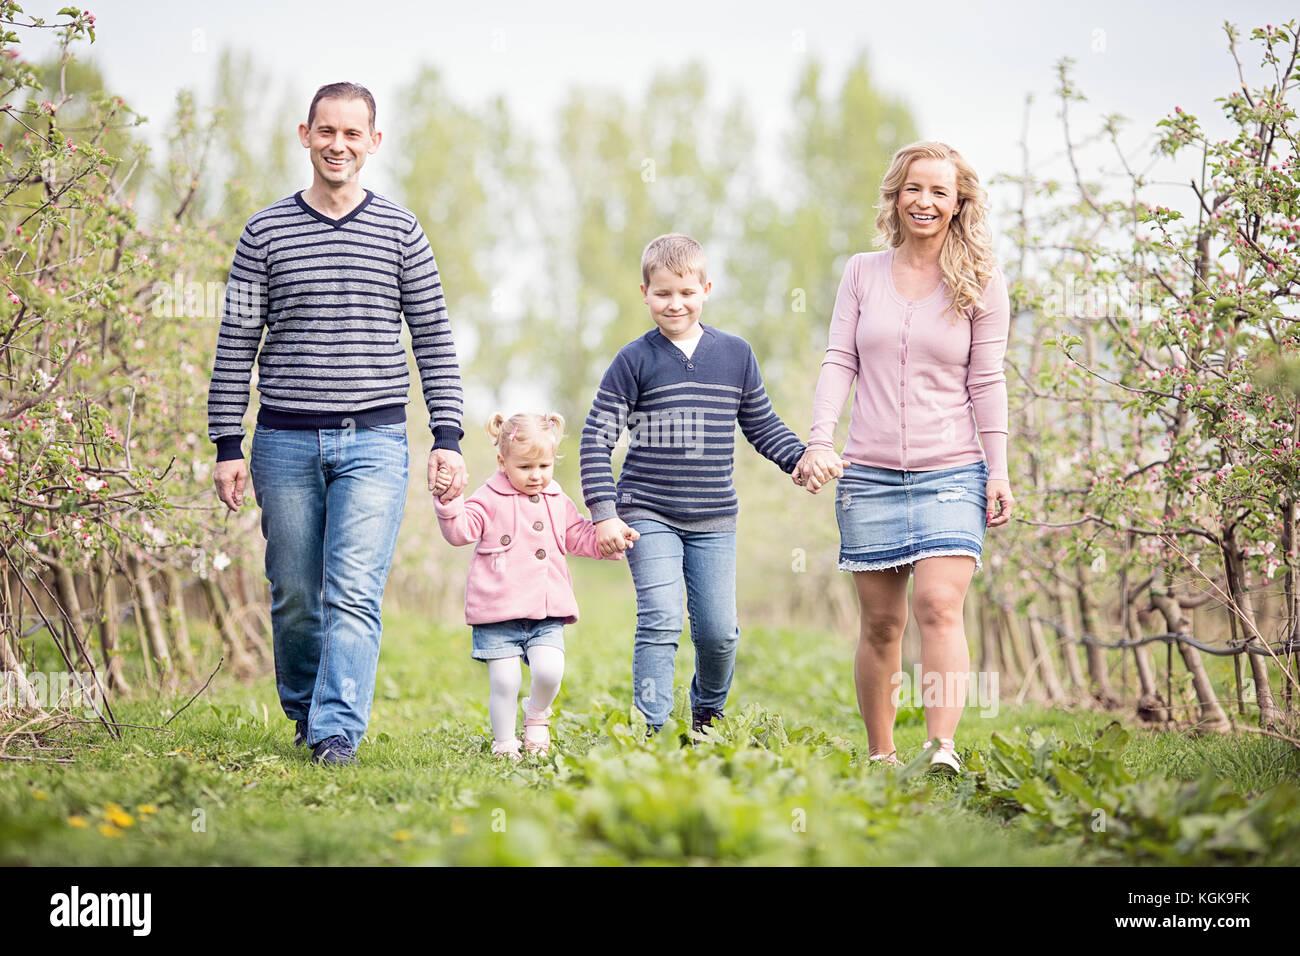 Glückliche junge 4 köpfige Familie zusammen im Freien im Orchard Stockfoto